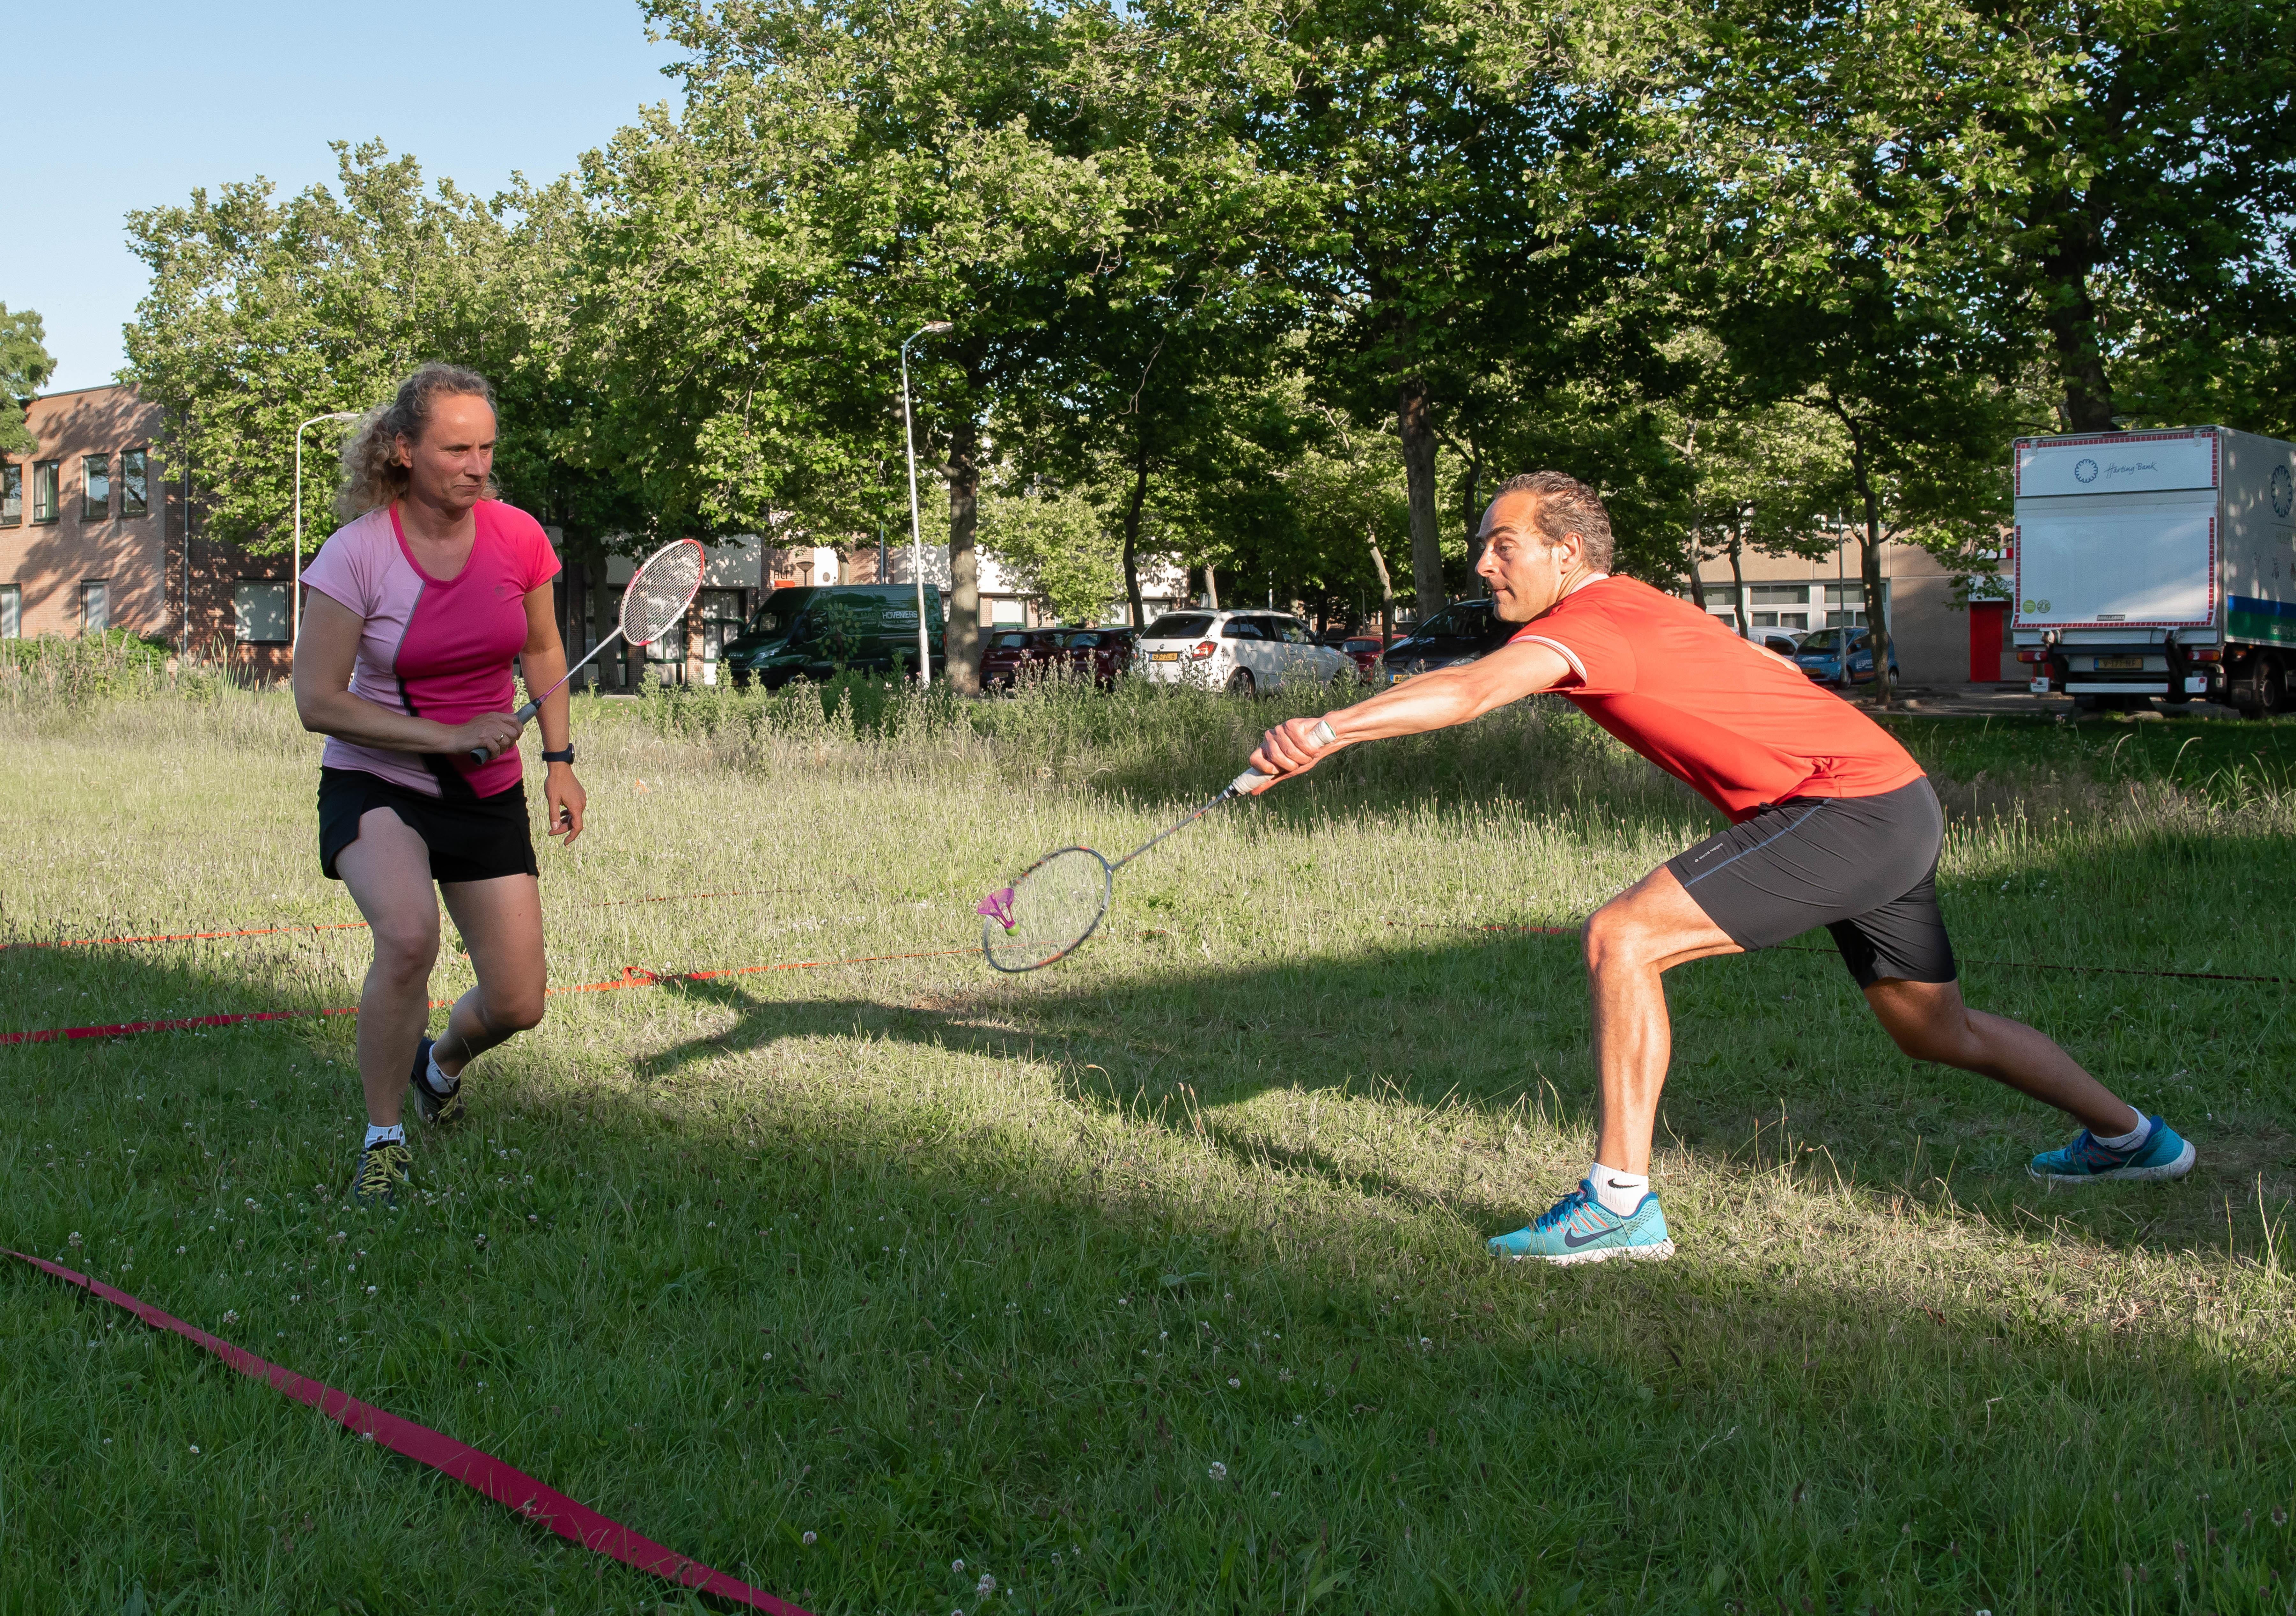 Buiten sporten (nu het nog kan): met airbadminton kun je echt leuke rally's spelen, maar het moet nog steeds niet te hard waaien